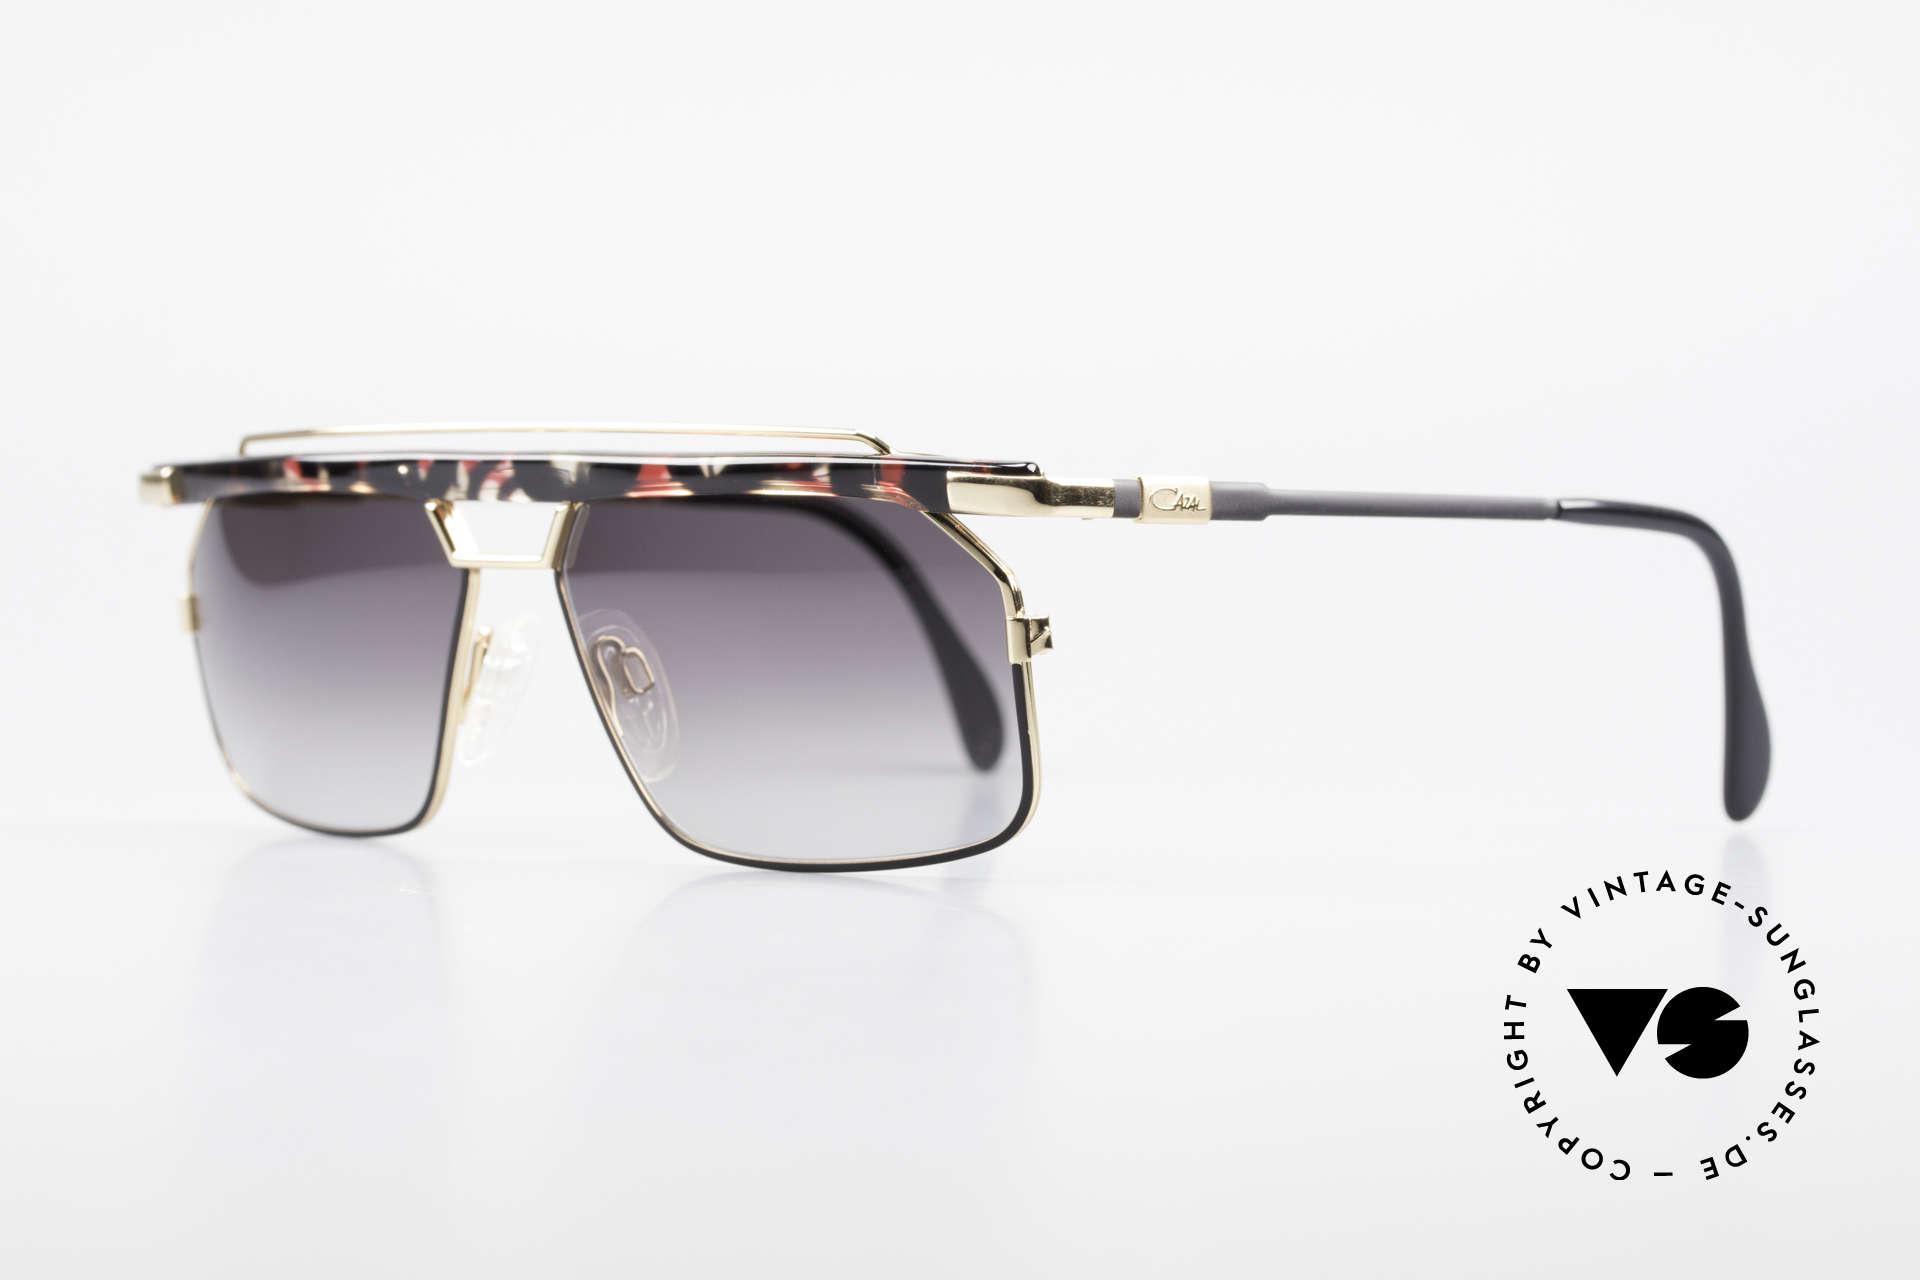 Cazal 752 Rare Vintage Sonnenbrille 90er, extrem selten, da nur in kleiner Stückzahl produziert, Passend für Herren